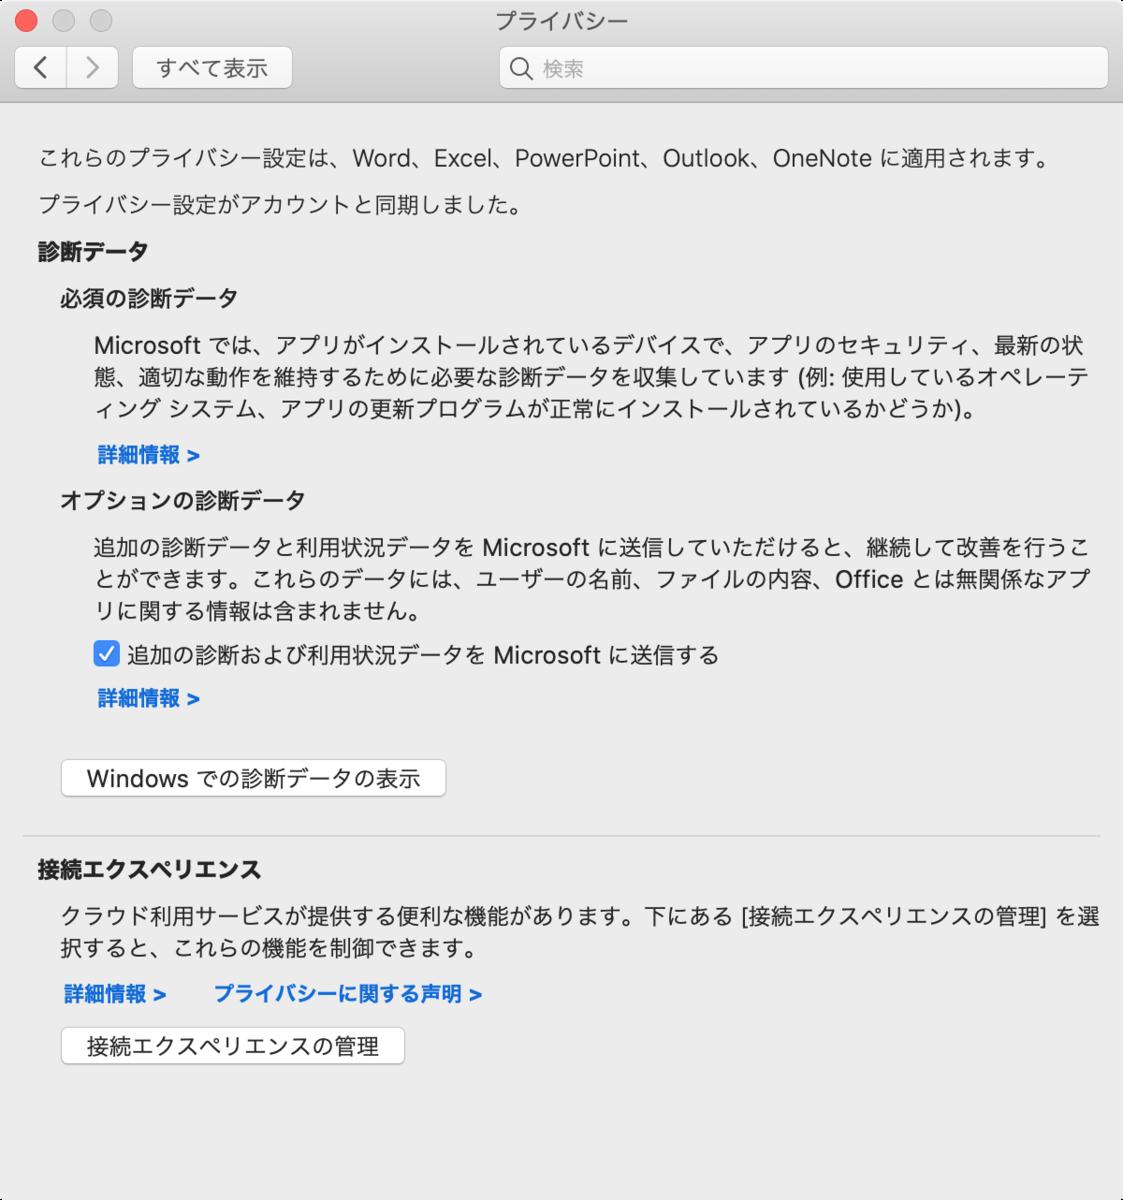 f:id:wanichan:20200604182812p:plain